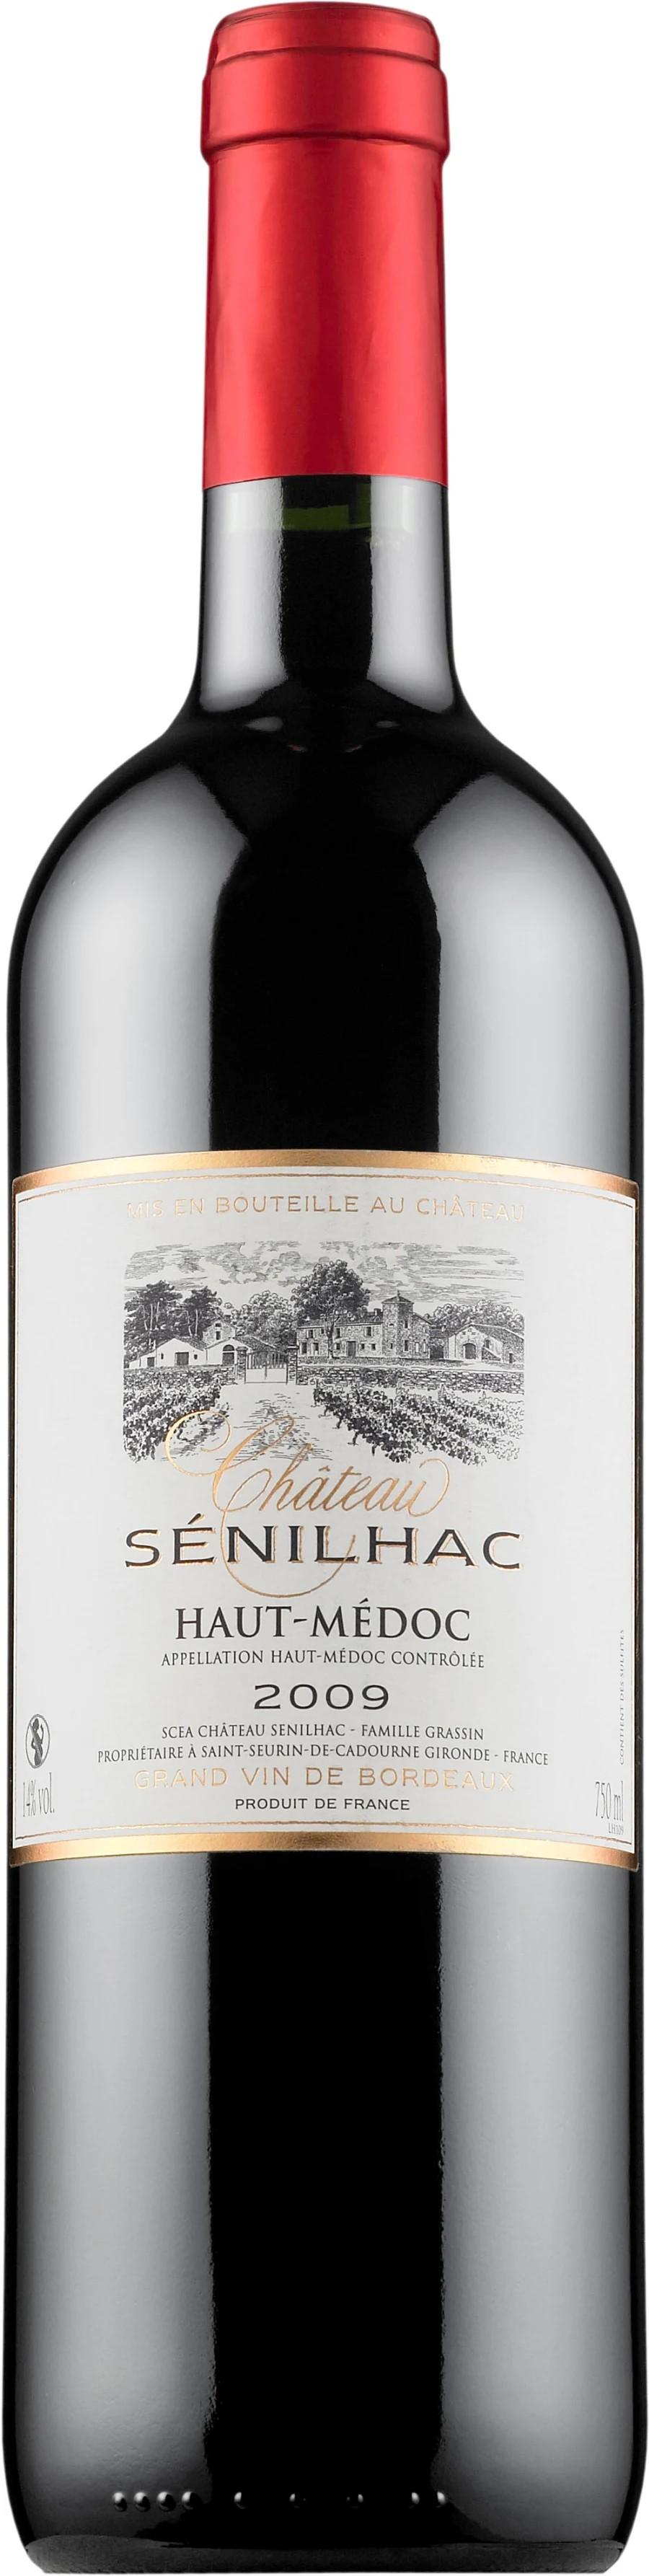 Haut-Médoc - Château Senilhac